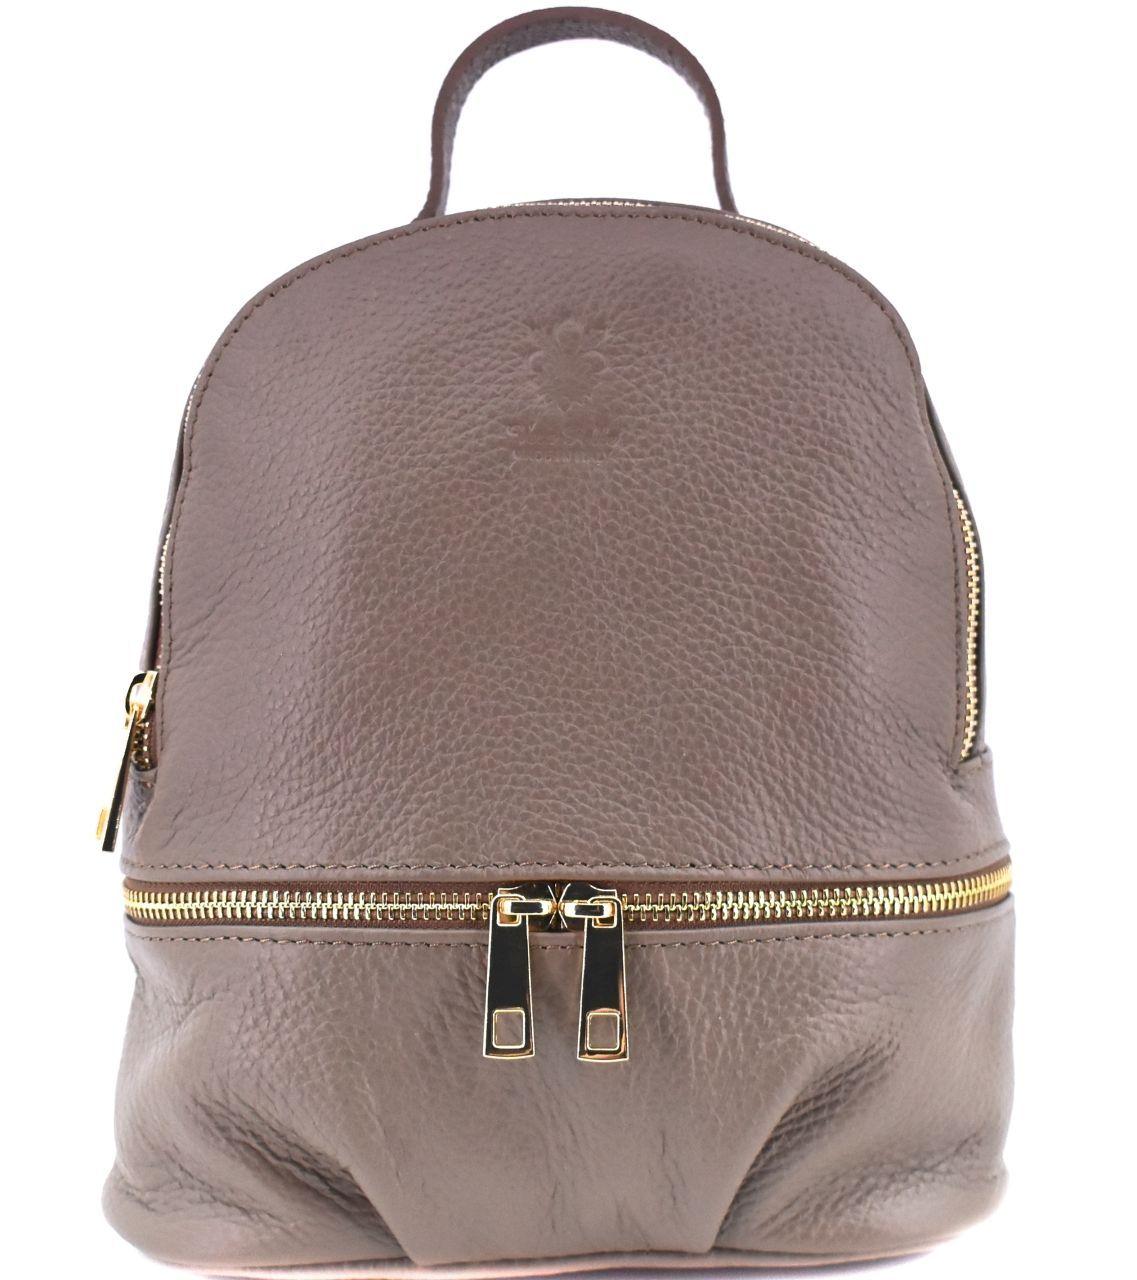 Dámský/dívčí kožený batůžek Arteddy - taupe 38958